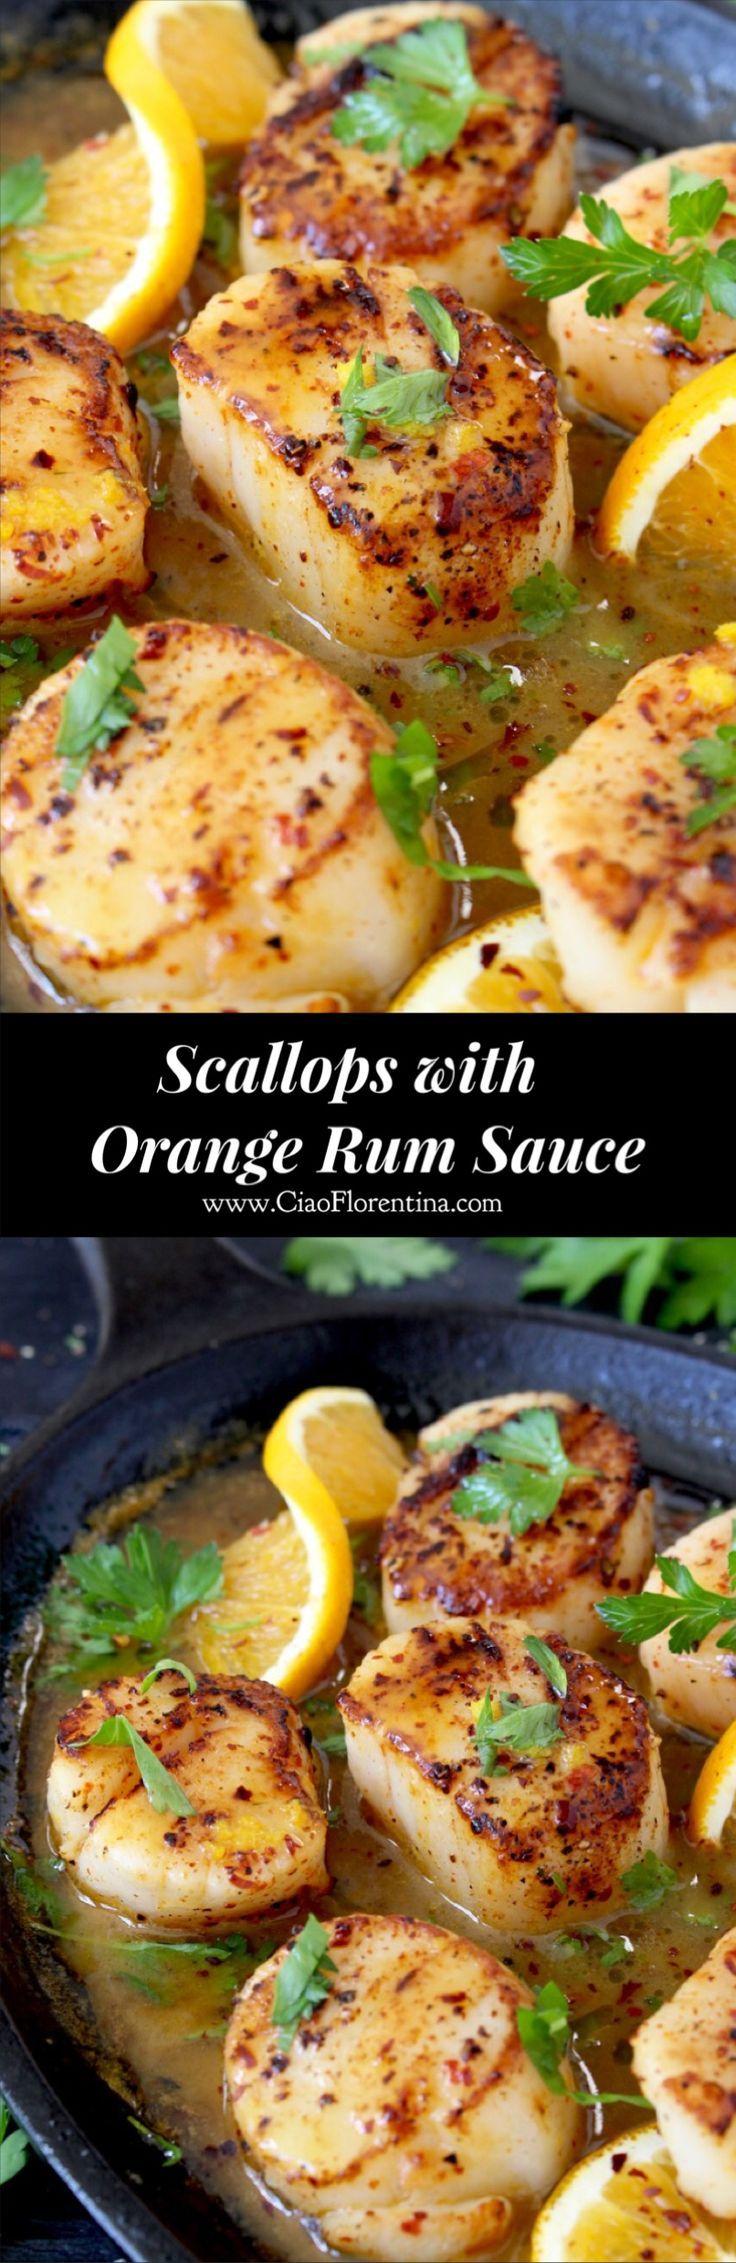 Seared Scallops Recipe with Orange Rum Sauce   CiaoFlorentina.com @CiaoFlorentina